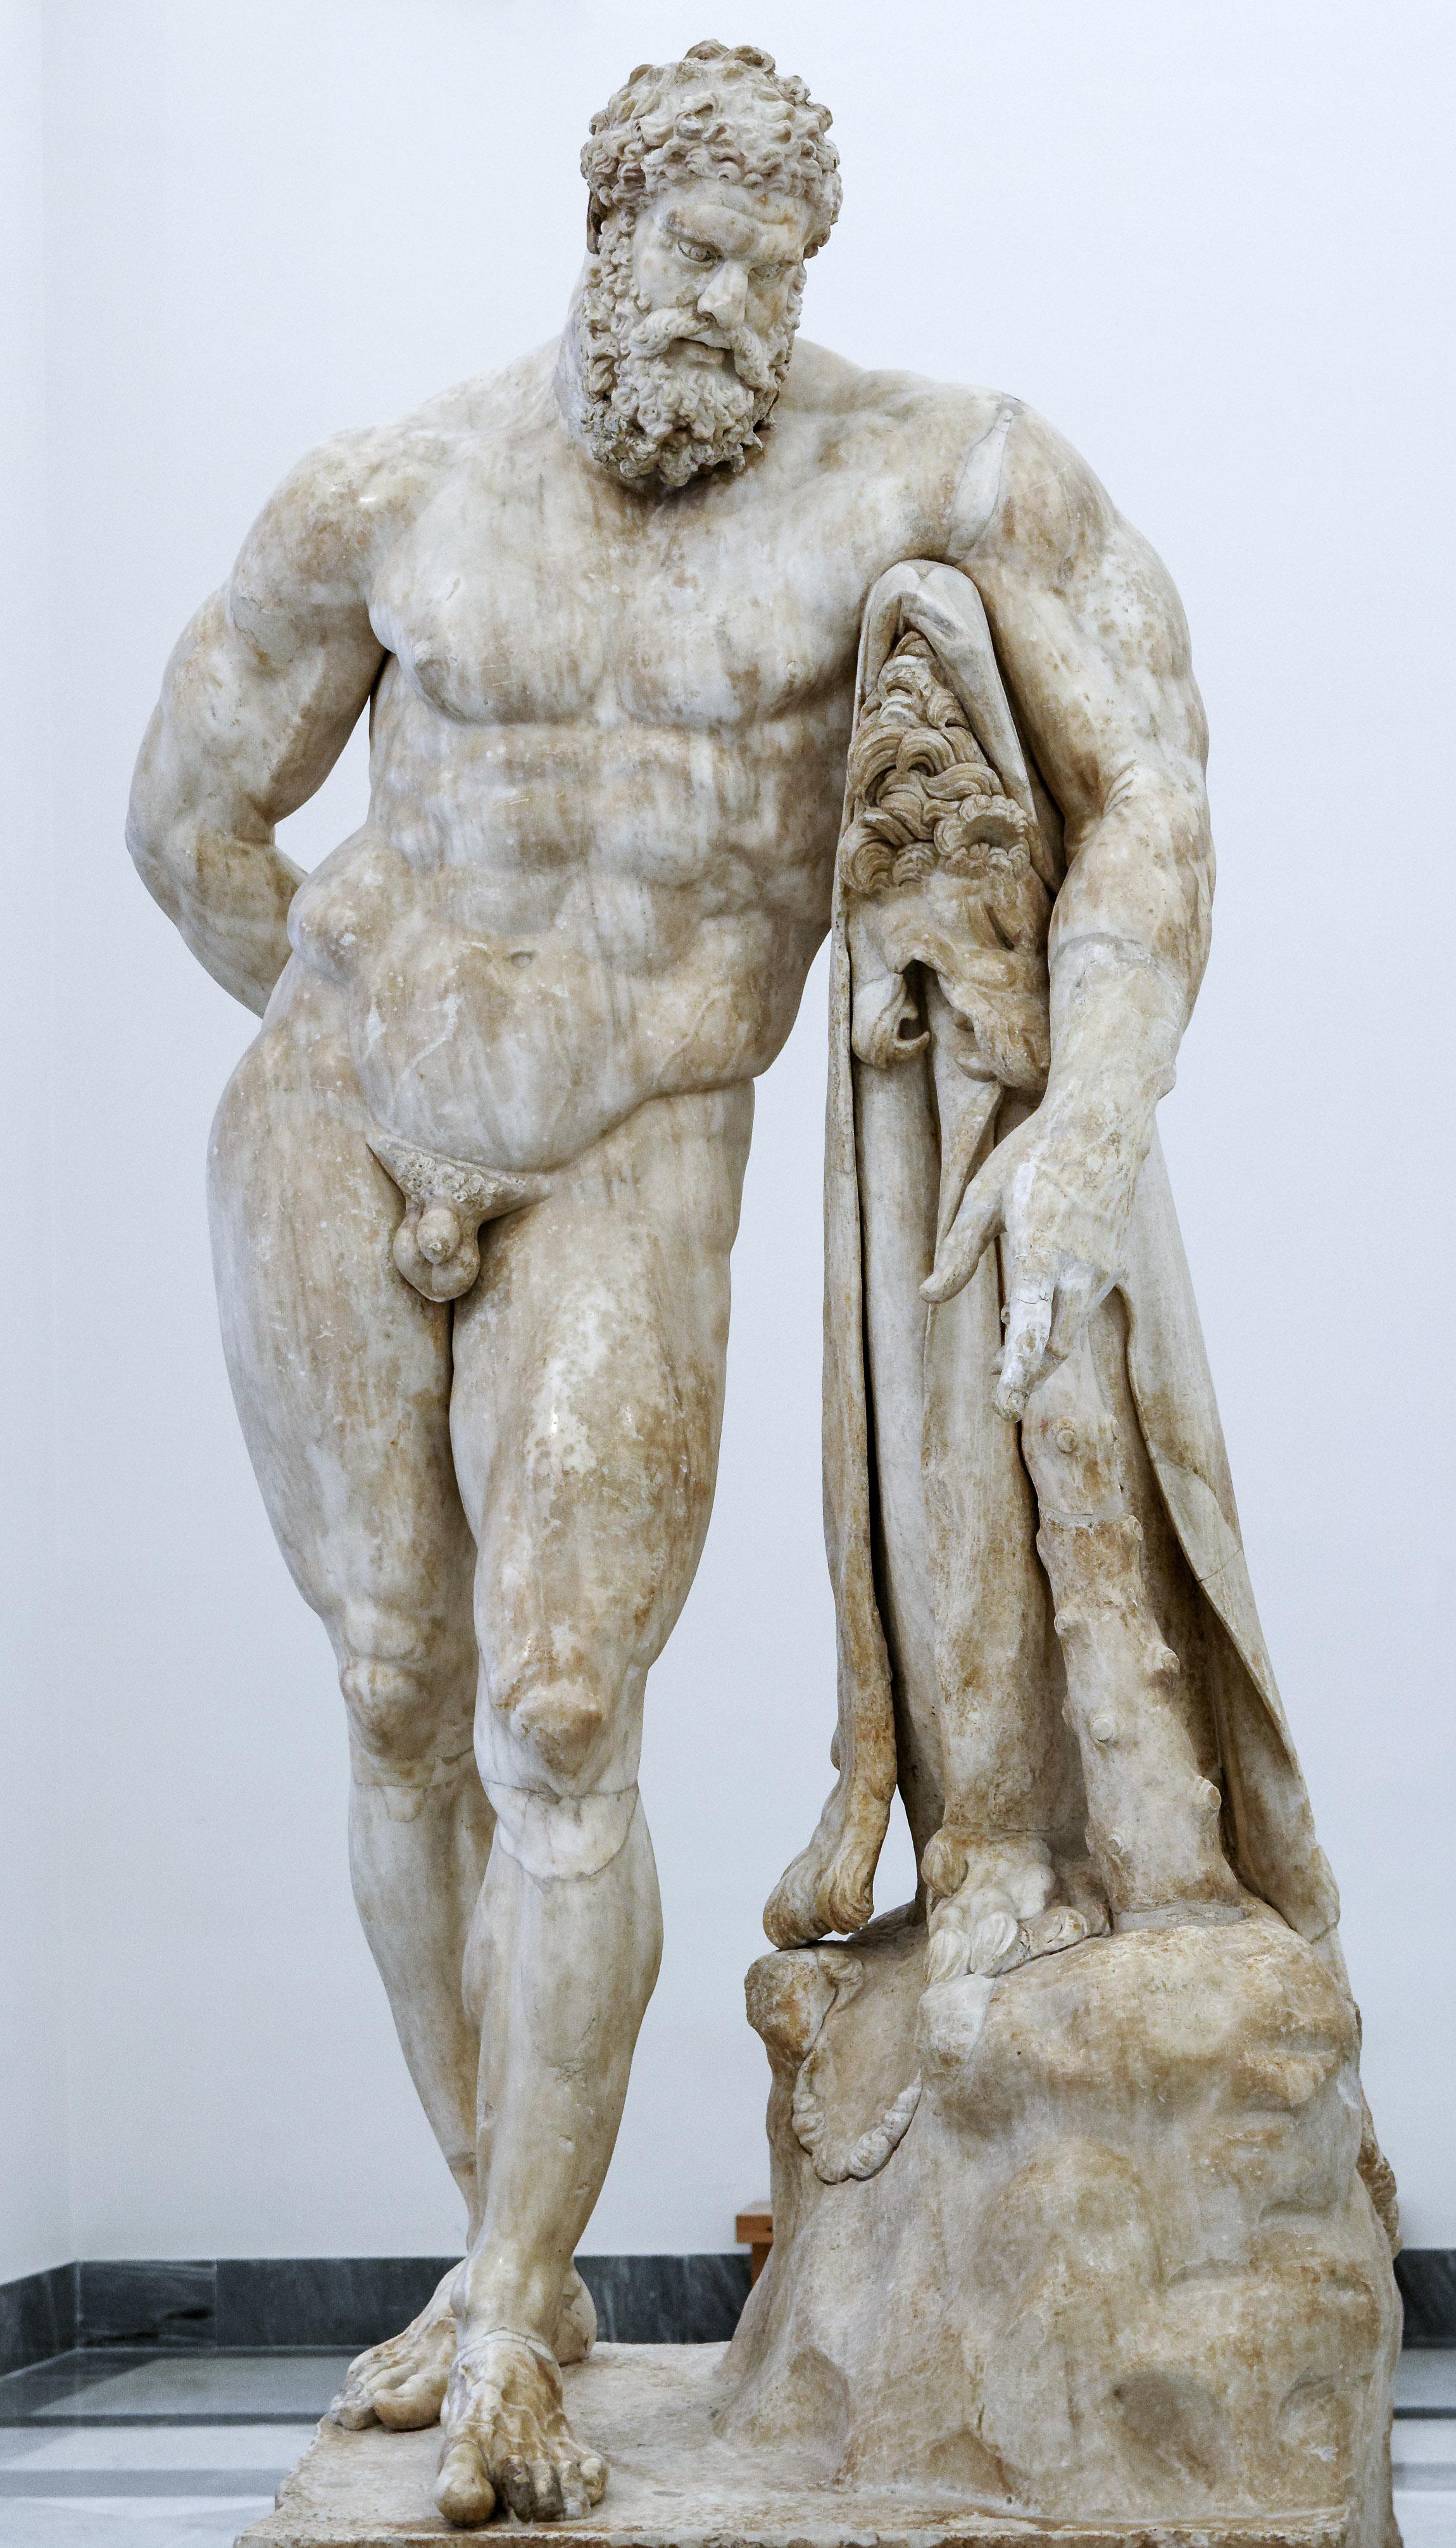 Άγαλμα του Ηρακλή. Ρωμαϊκό αντίγραφο των Αυτοκρατορικών χρόνων πρώιμου ελληνιστικού προτύπου. Αρχαιολογικό Μουσείο της Νάπολη, αρ. ευρ. 6001